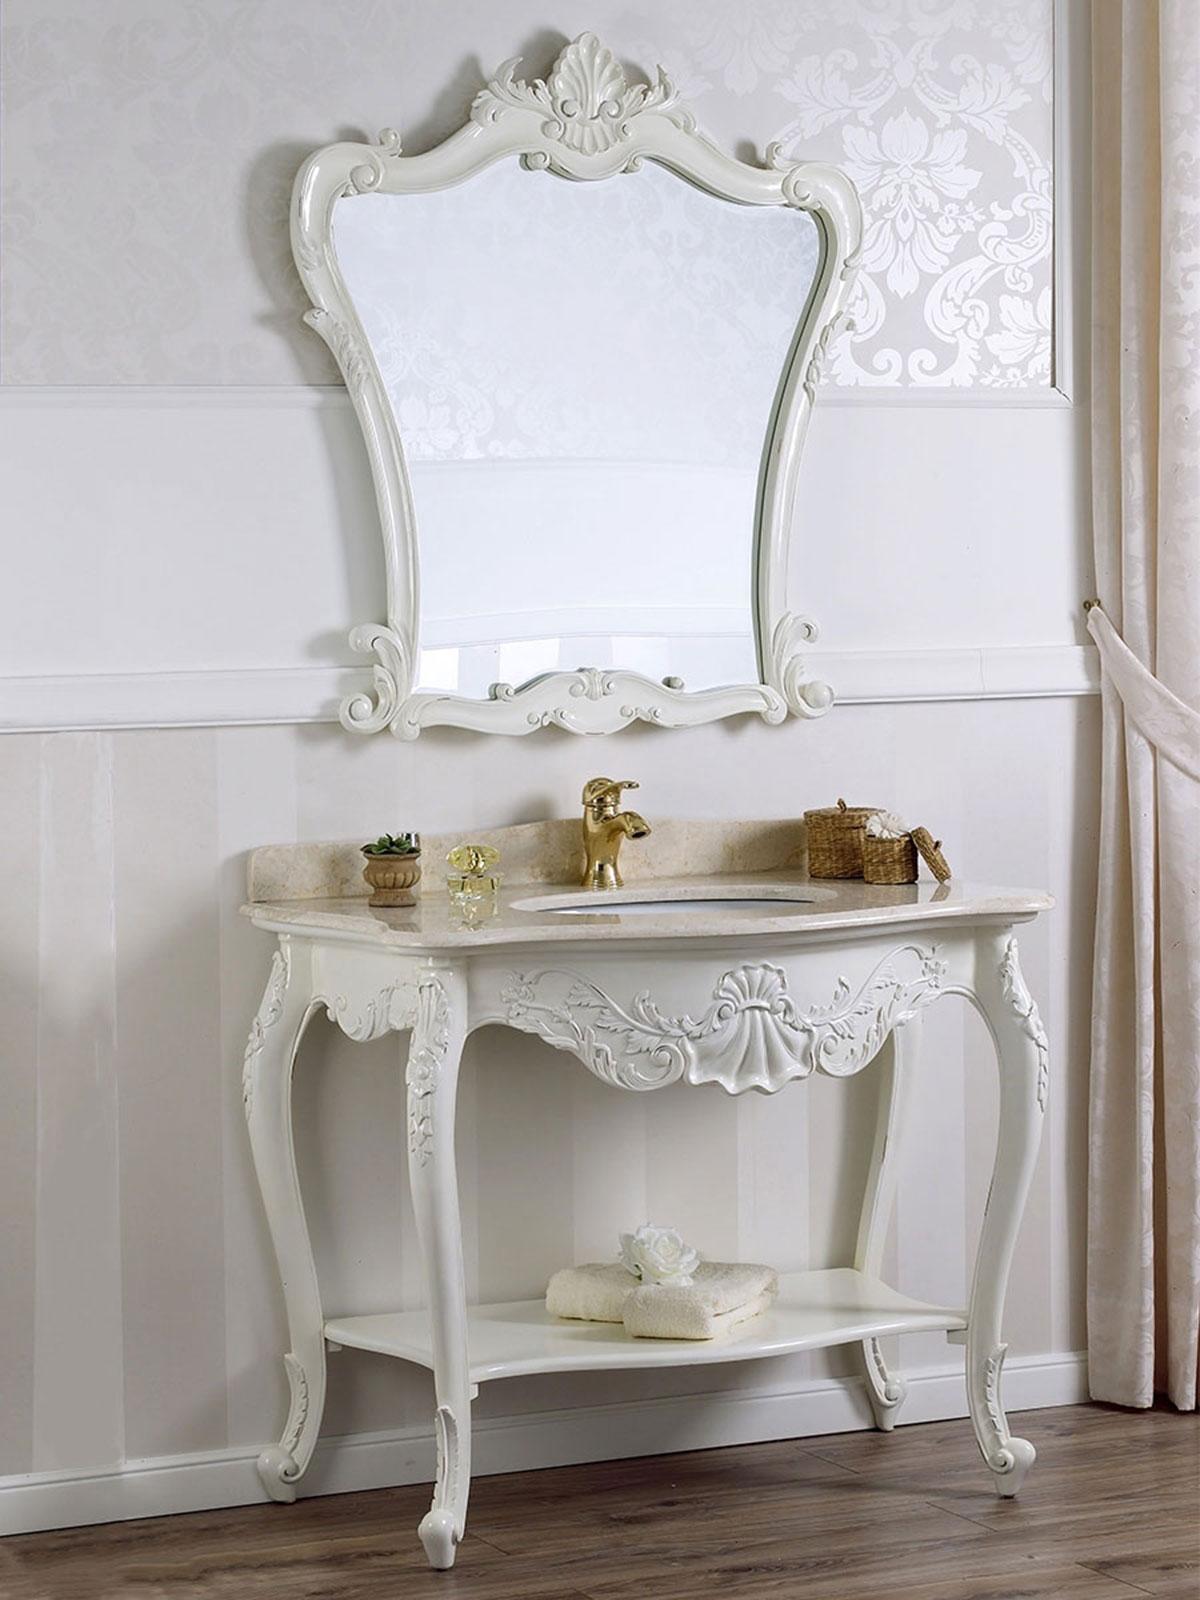 Arredo Bagno Shabby Chic dettagli su consolle e specchio eleonor stile shabby chic arredo bagno  bianco anticato marmo